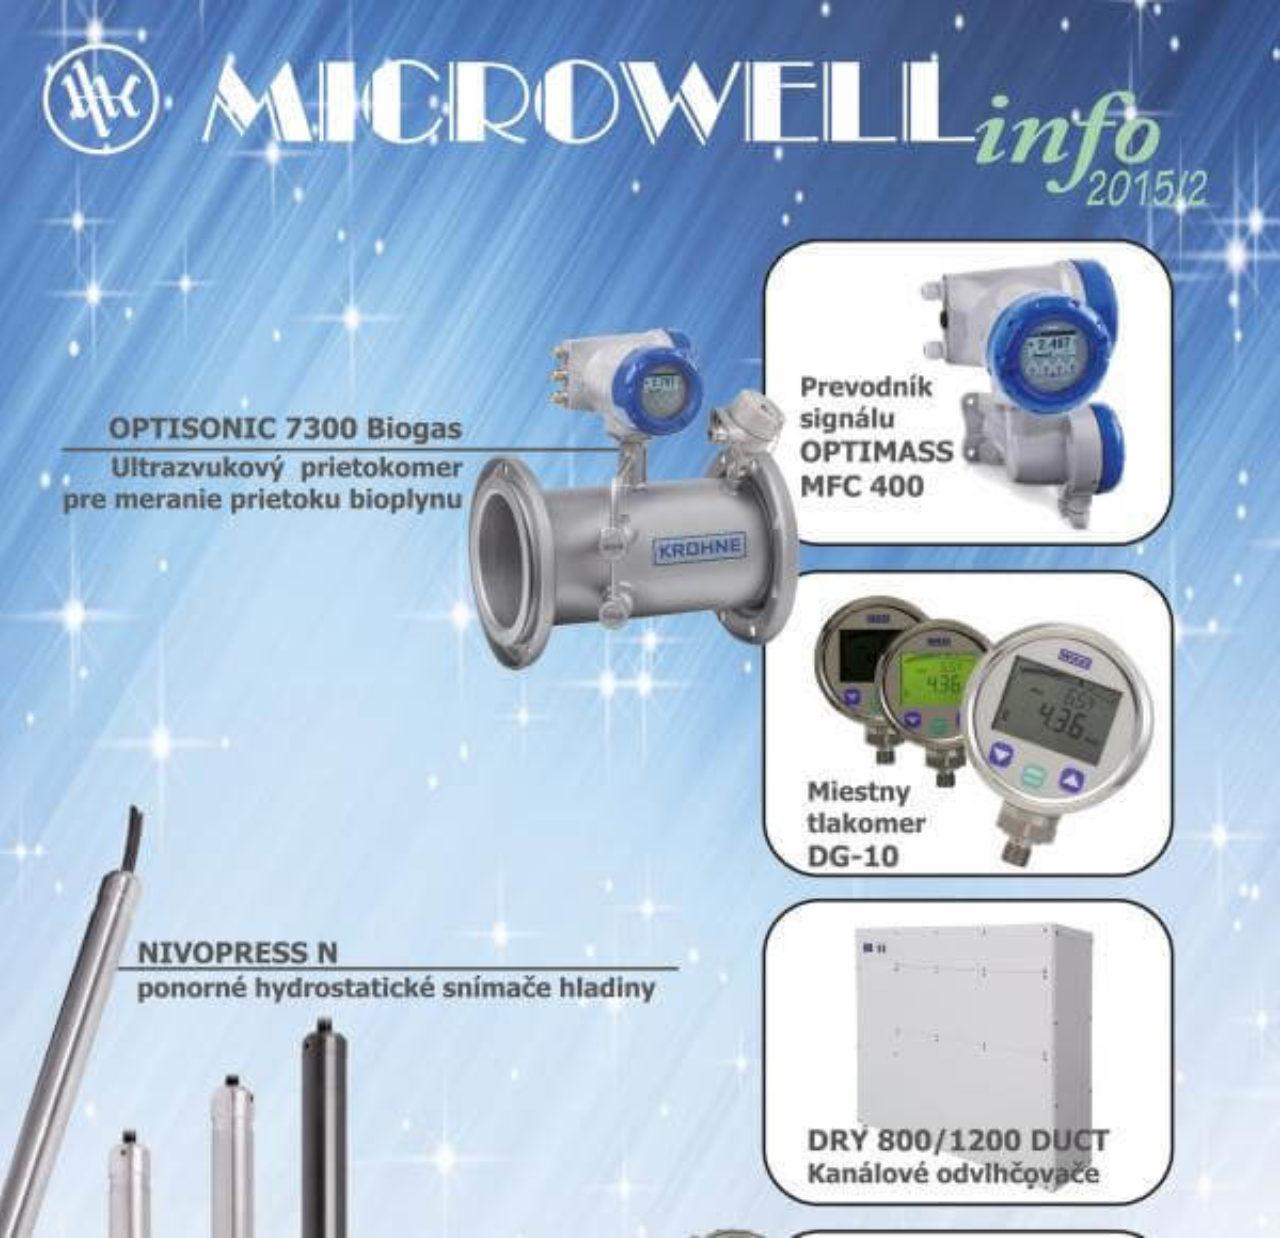 Microwell INFO jeseň-zima 2015 | Blog - Microwell